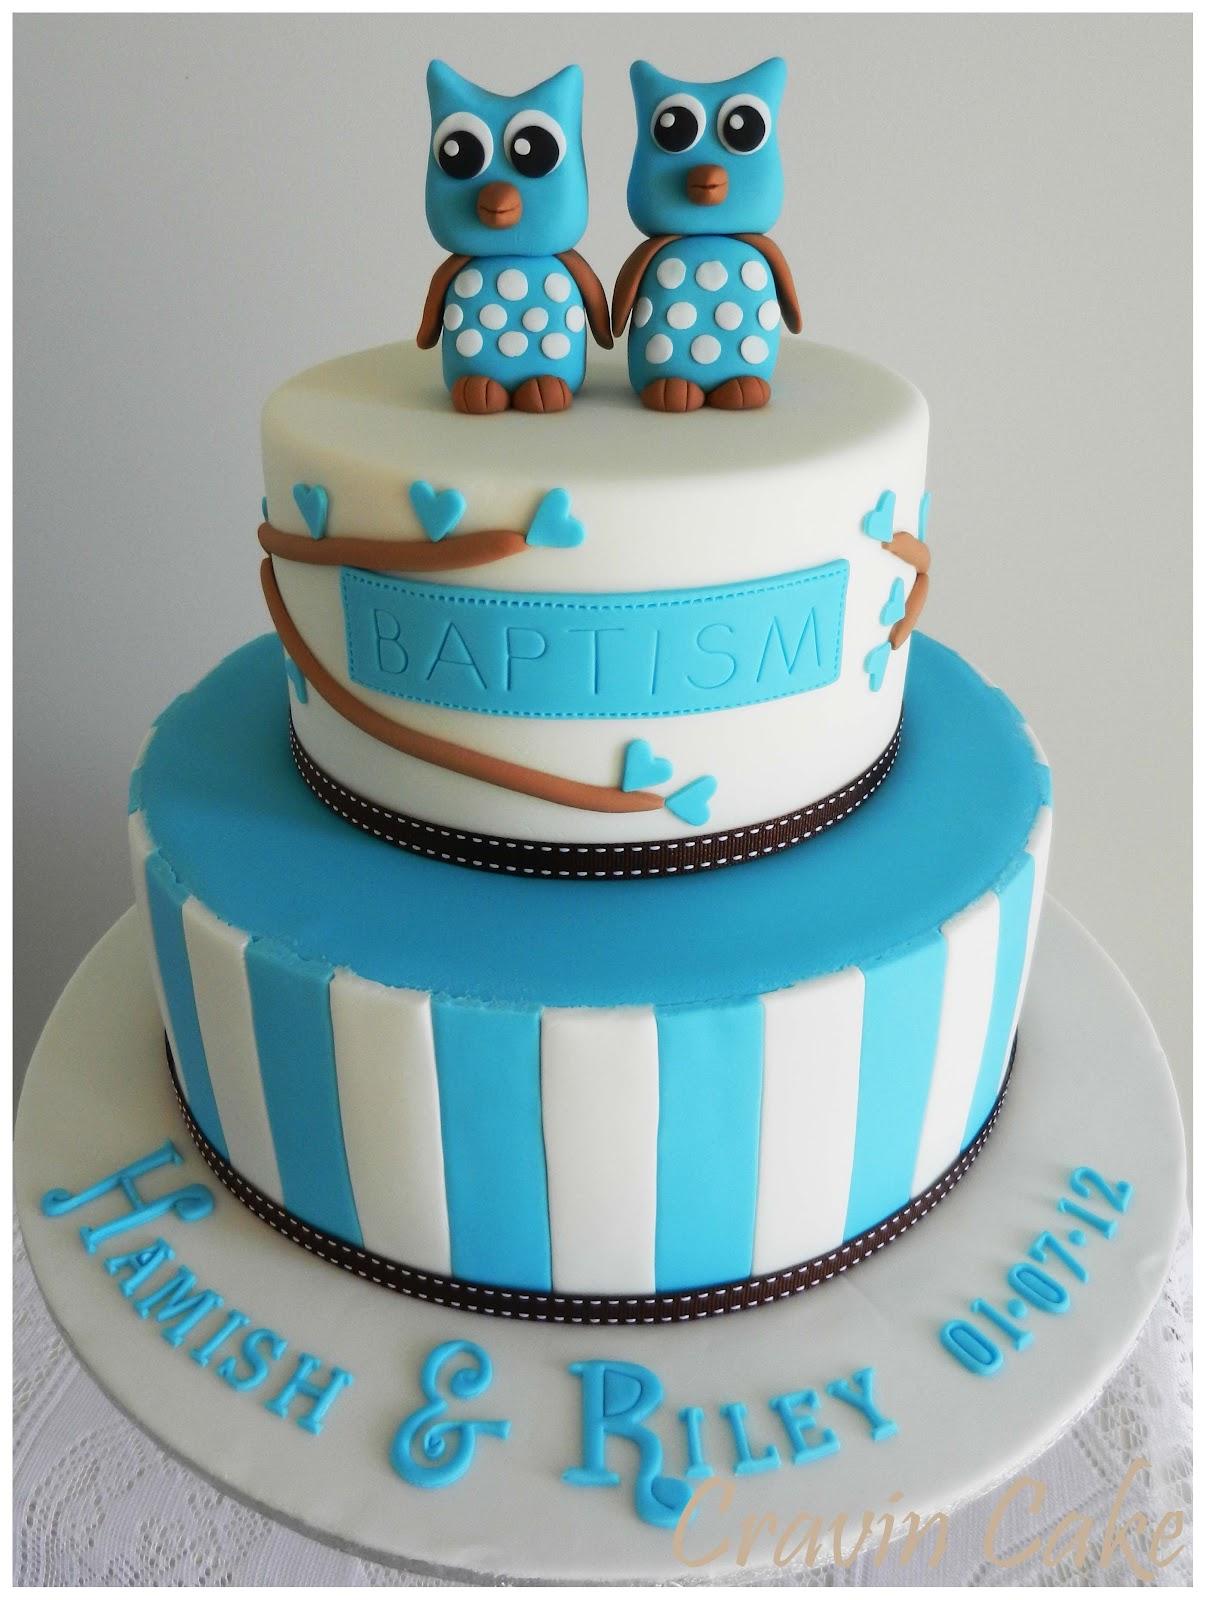 Cravin Cake July 2012